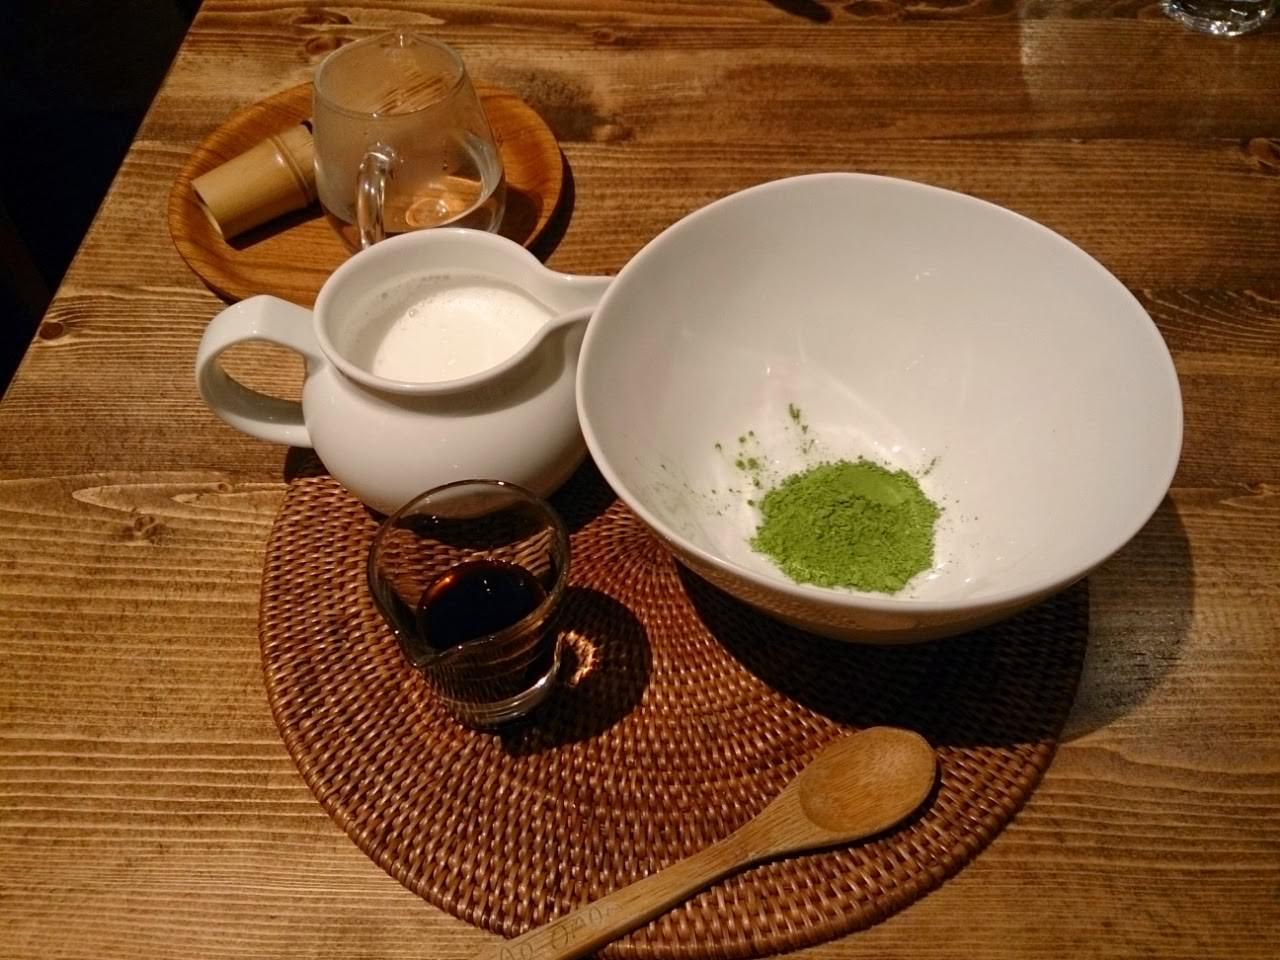 杏桃鬆餅屋-靜岡卦川抹茶拿鐵